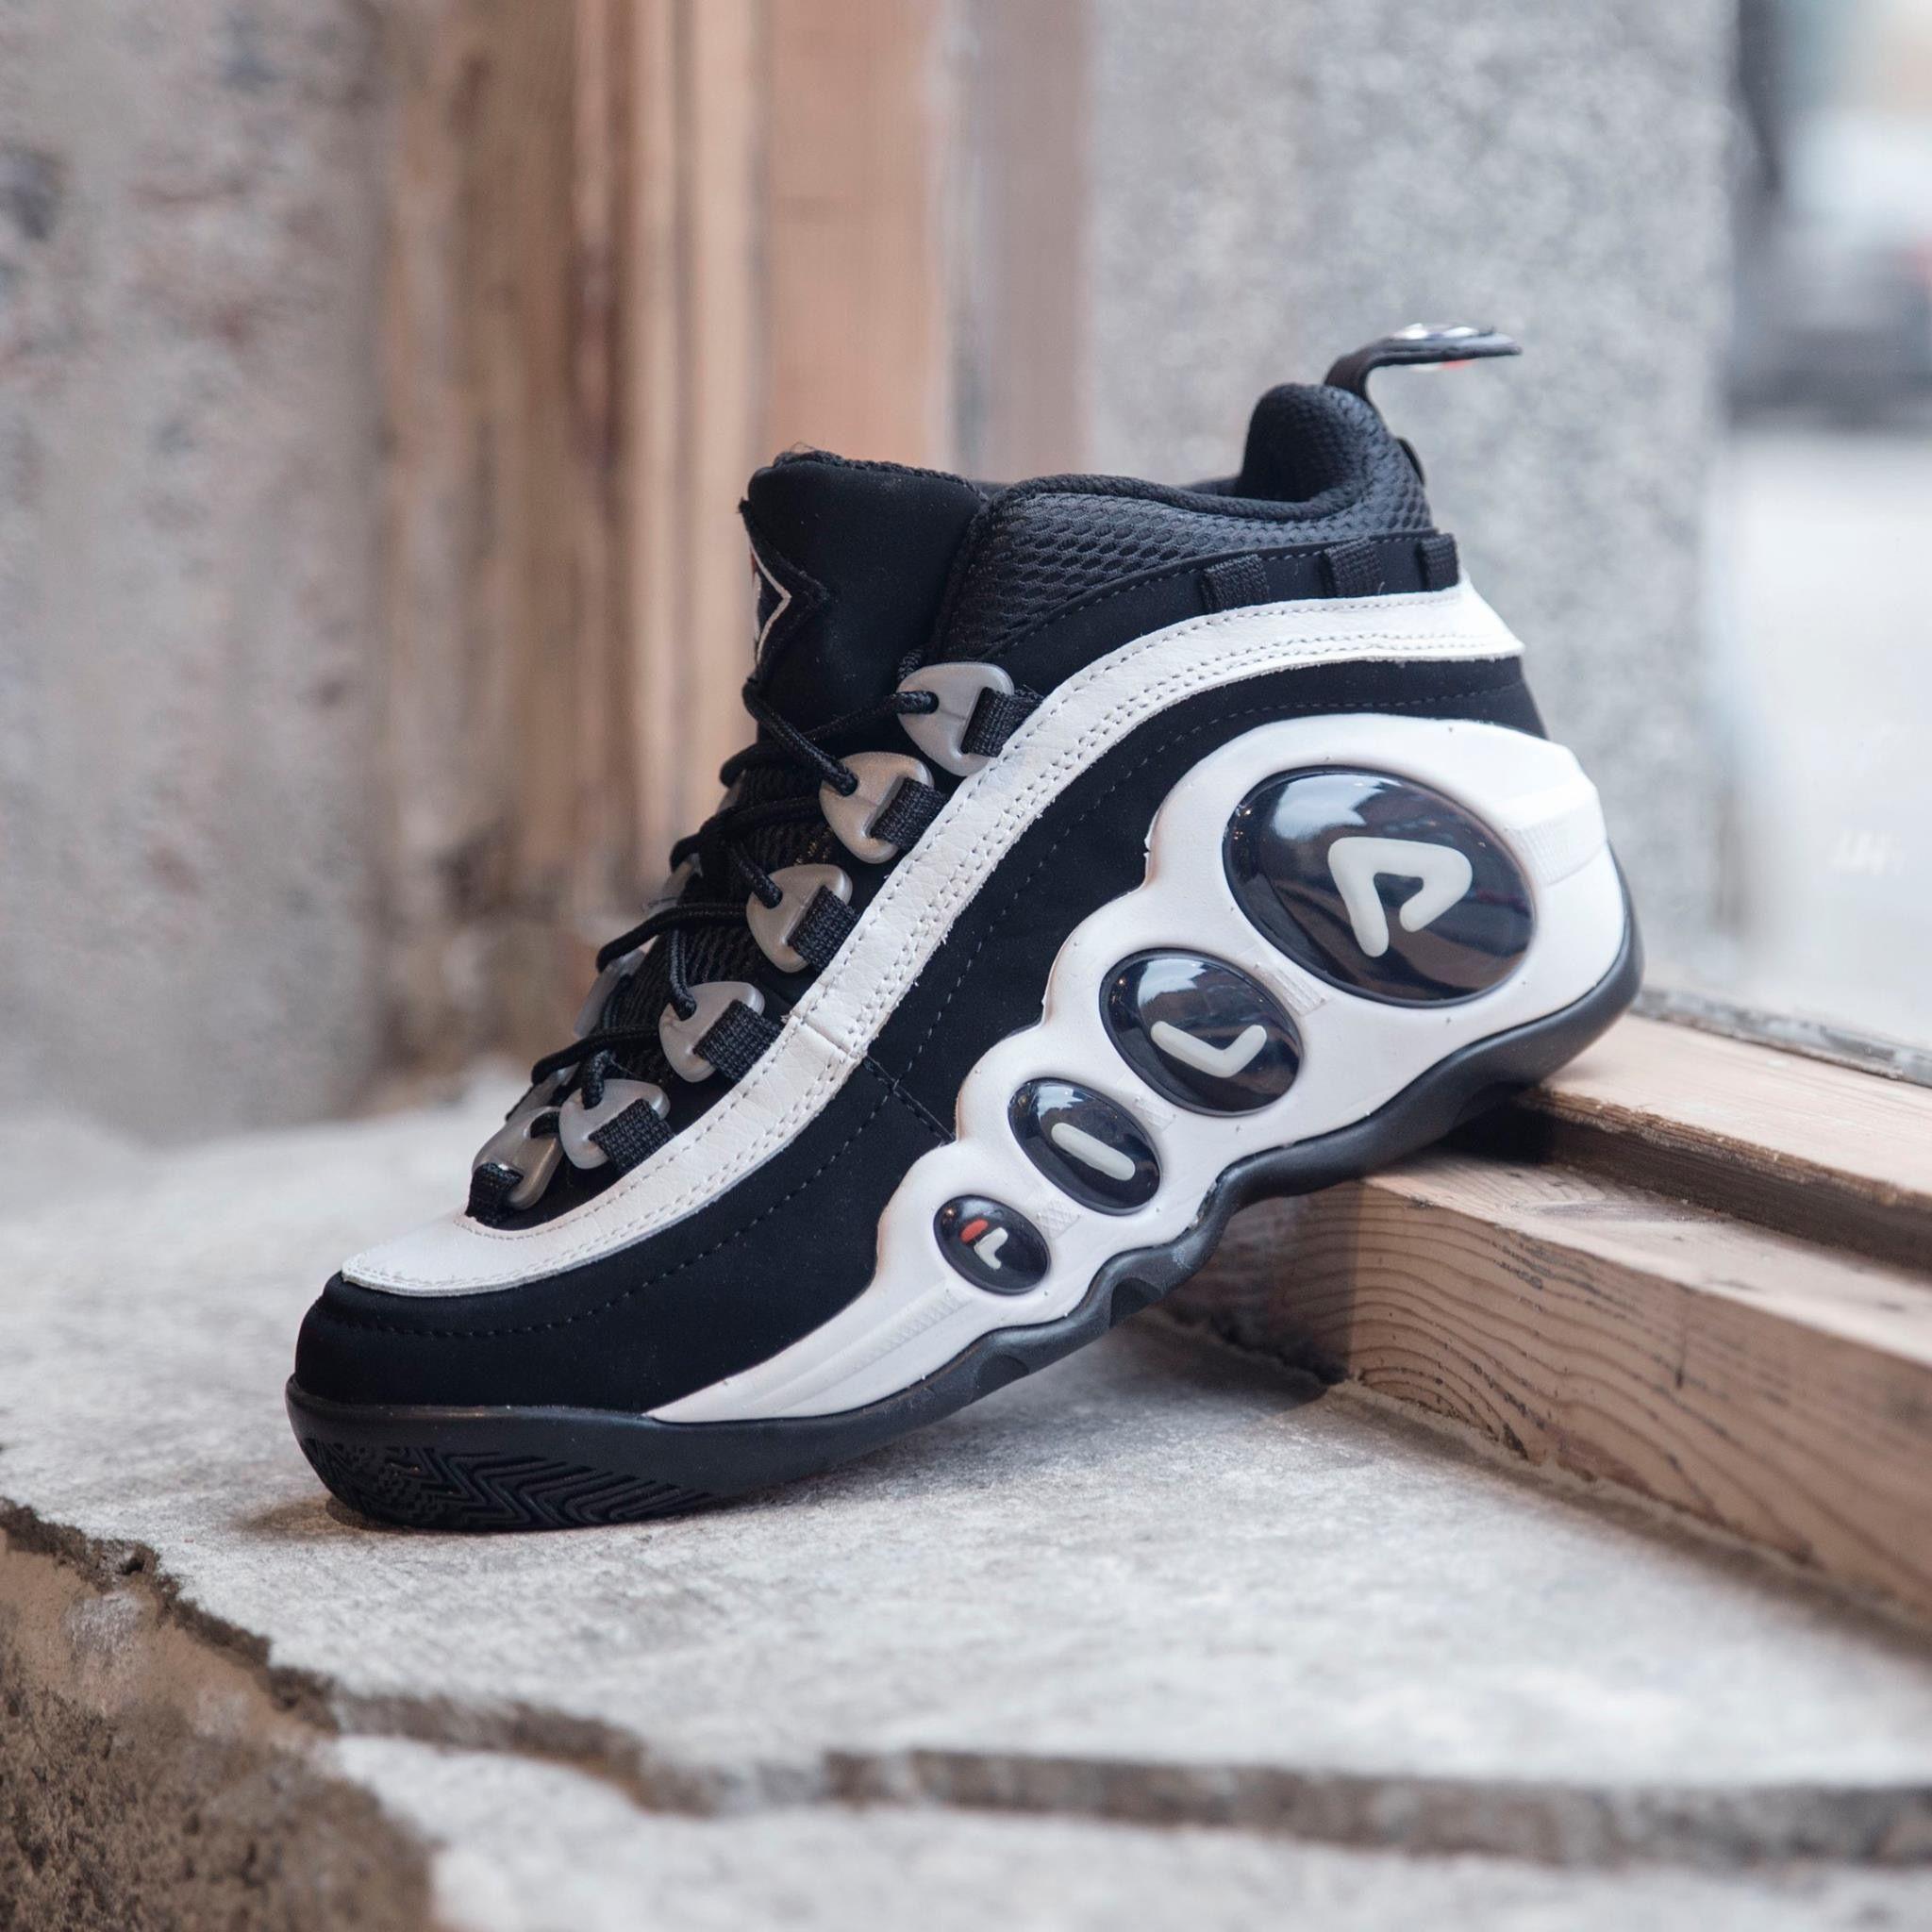 fila shoes that look like jordans